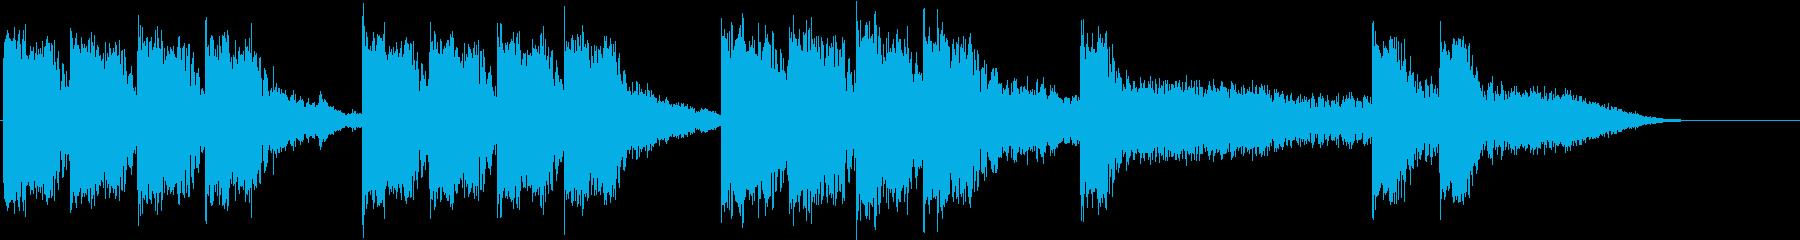 インパクト系15secインストです。の再生済みの波形